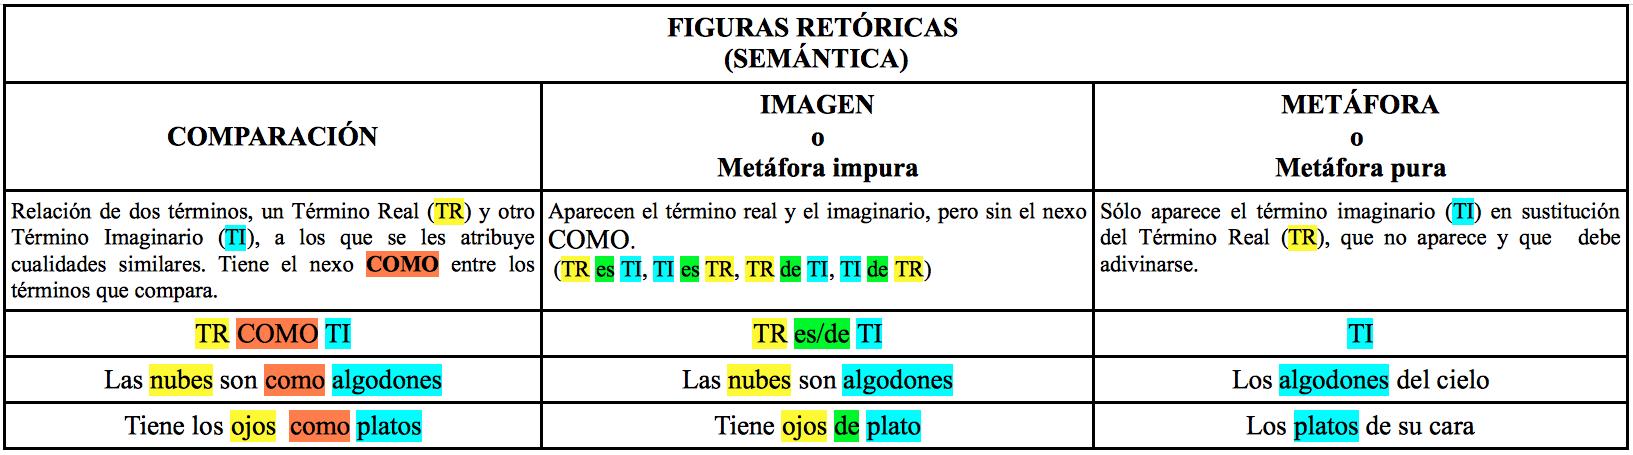 Comparación, Imagen y Metáfora